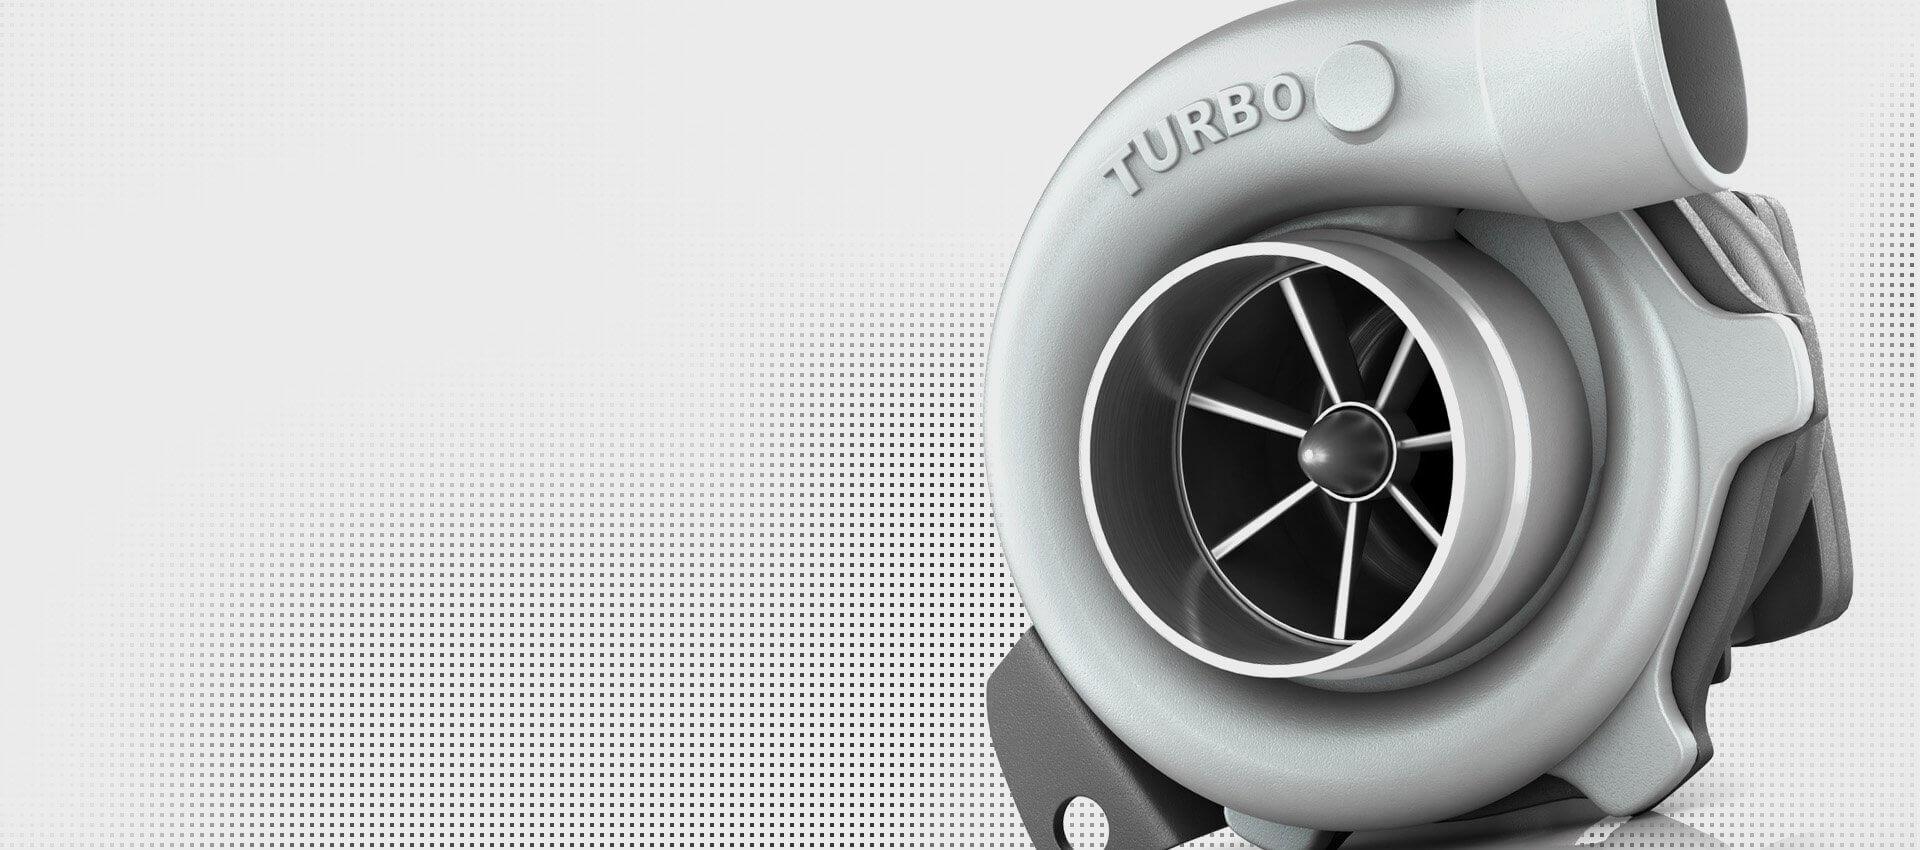 Serwis - Tuning turbosprężarek, modernizacja turbin, zwiększenie mocy silnika z turbodoładowaniem.